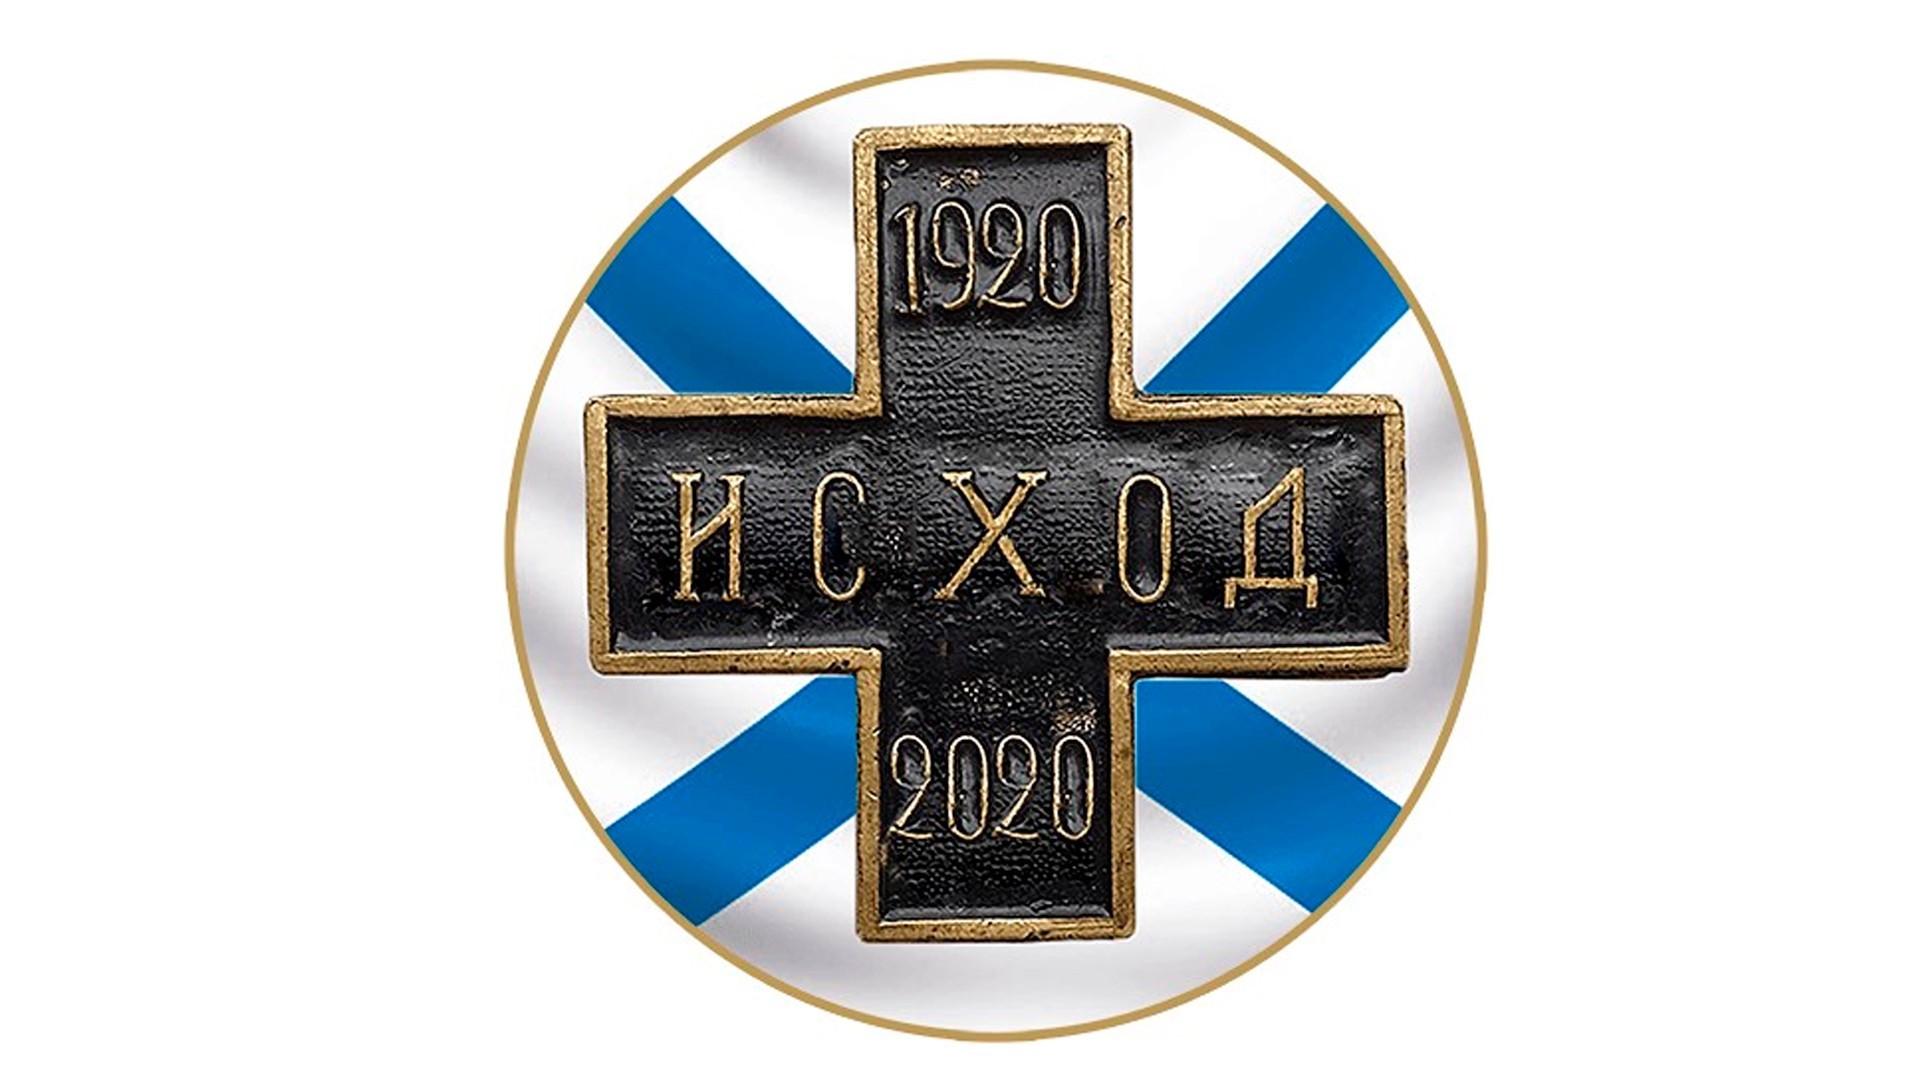 Logo du CRSC pour les événements du centenaire de l'Exode Russe. La base est la célèbre croix de Gallipoli – un signe distinctif authentique des participants aux événements dramatiques de l'évacuation en 1920-1923 – située dans le réticule du drapeau Andreïev.